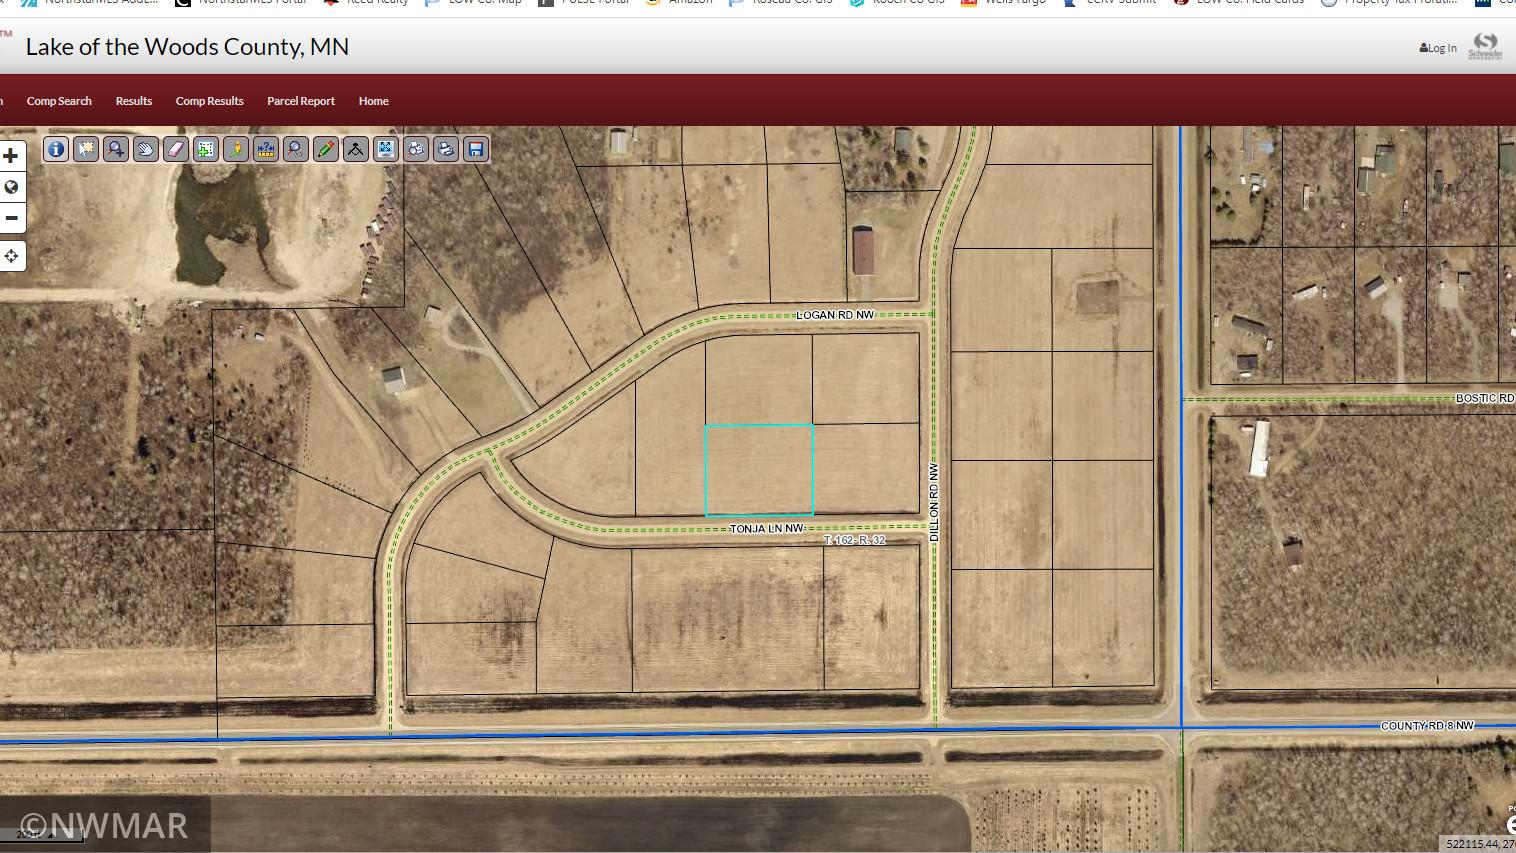 TBD Tonja Lane NW, Baudette, MN 56623